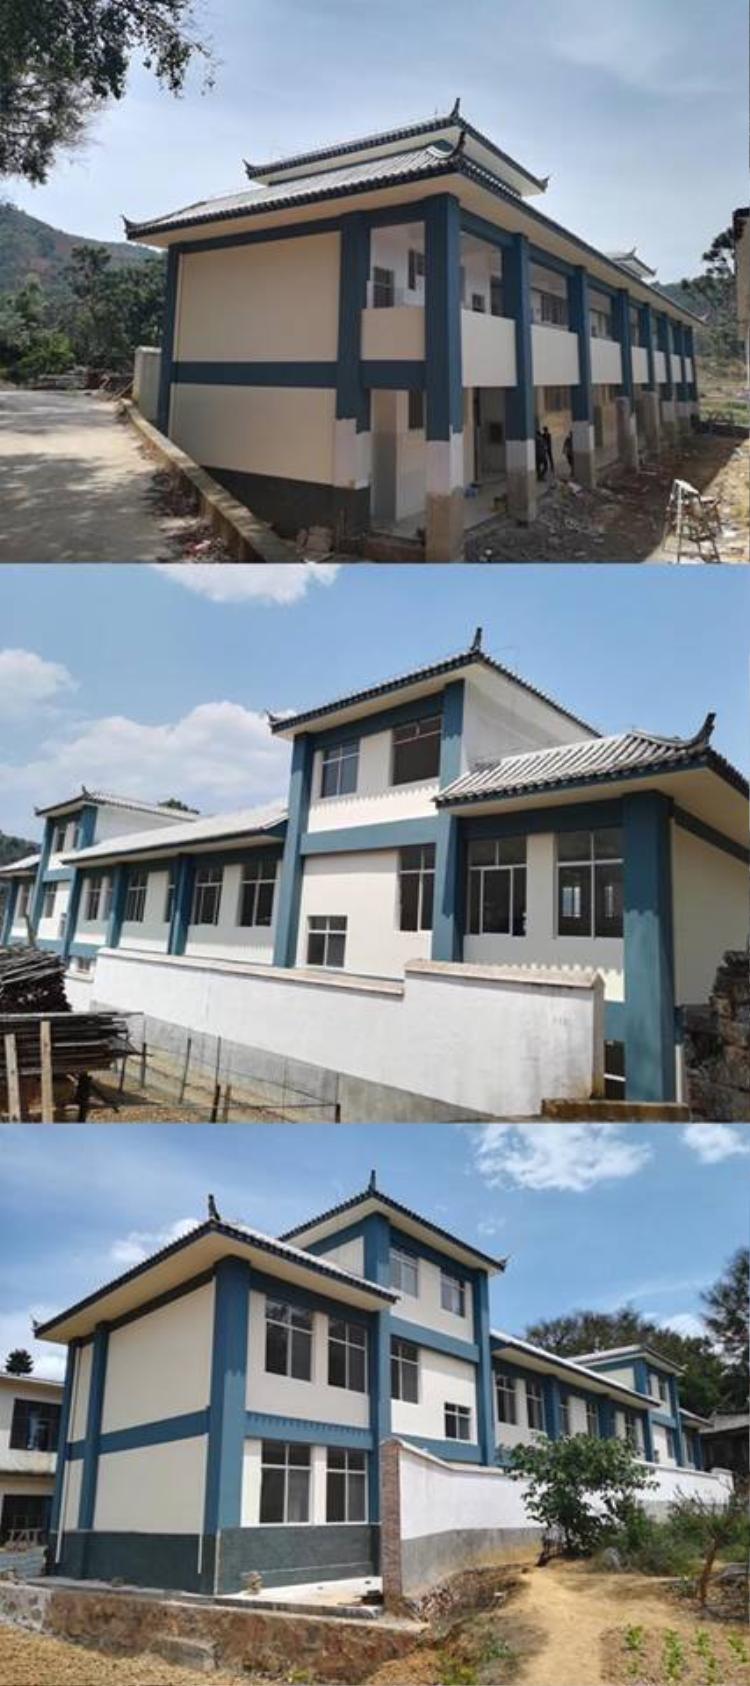 Dù chưa thể khánh thành và đi vào hoạt động nhưng tòa nhà chính để giảng dạy đã được hoàn thiện trước dịp sinh nhật thứ 29 của Yoona.